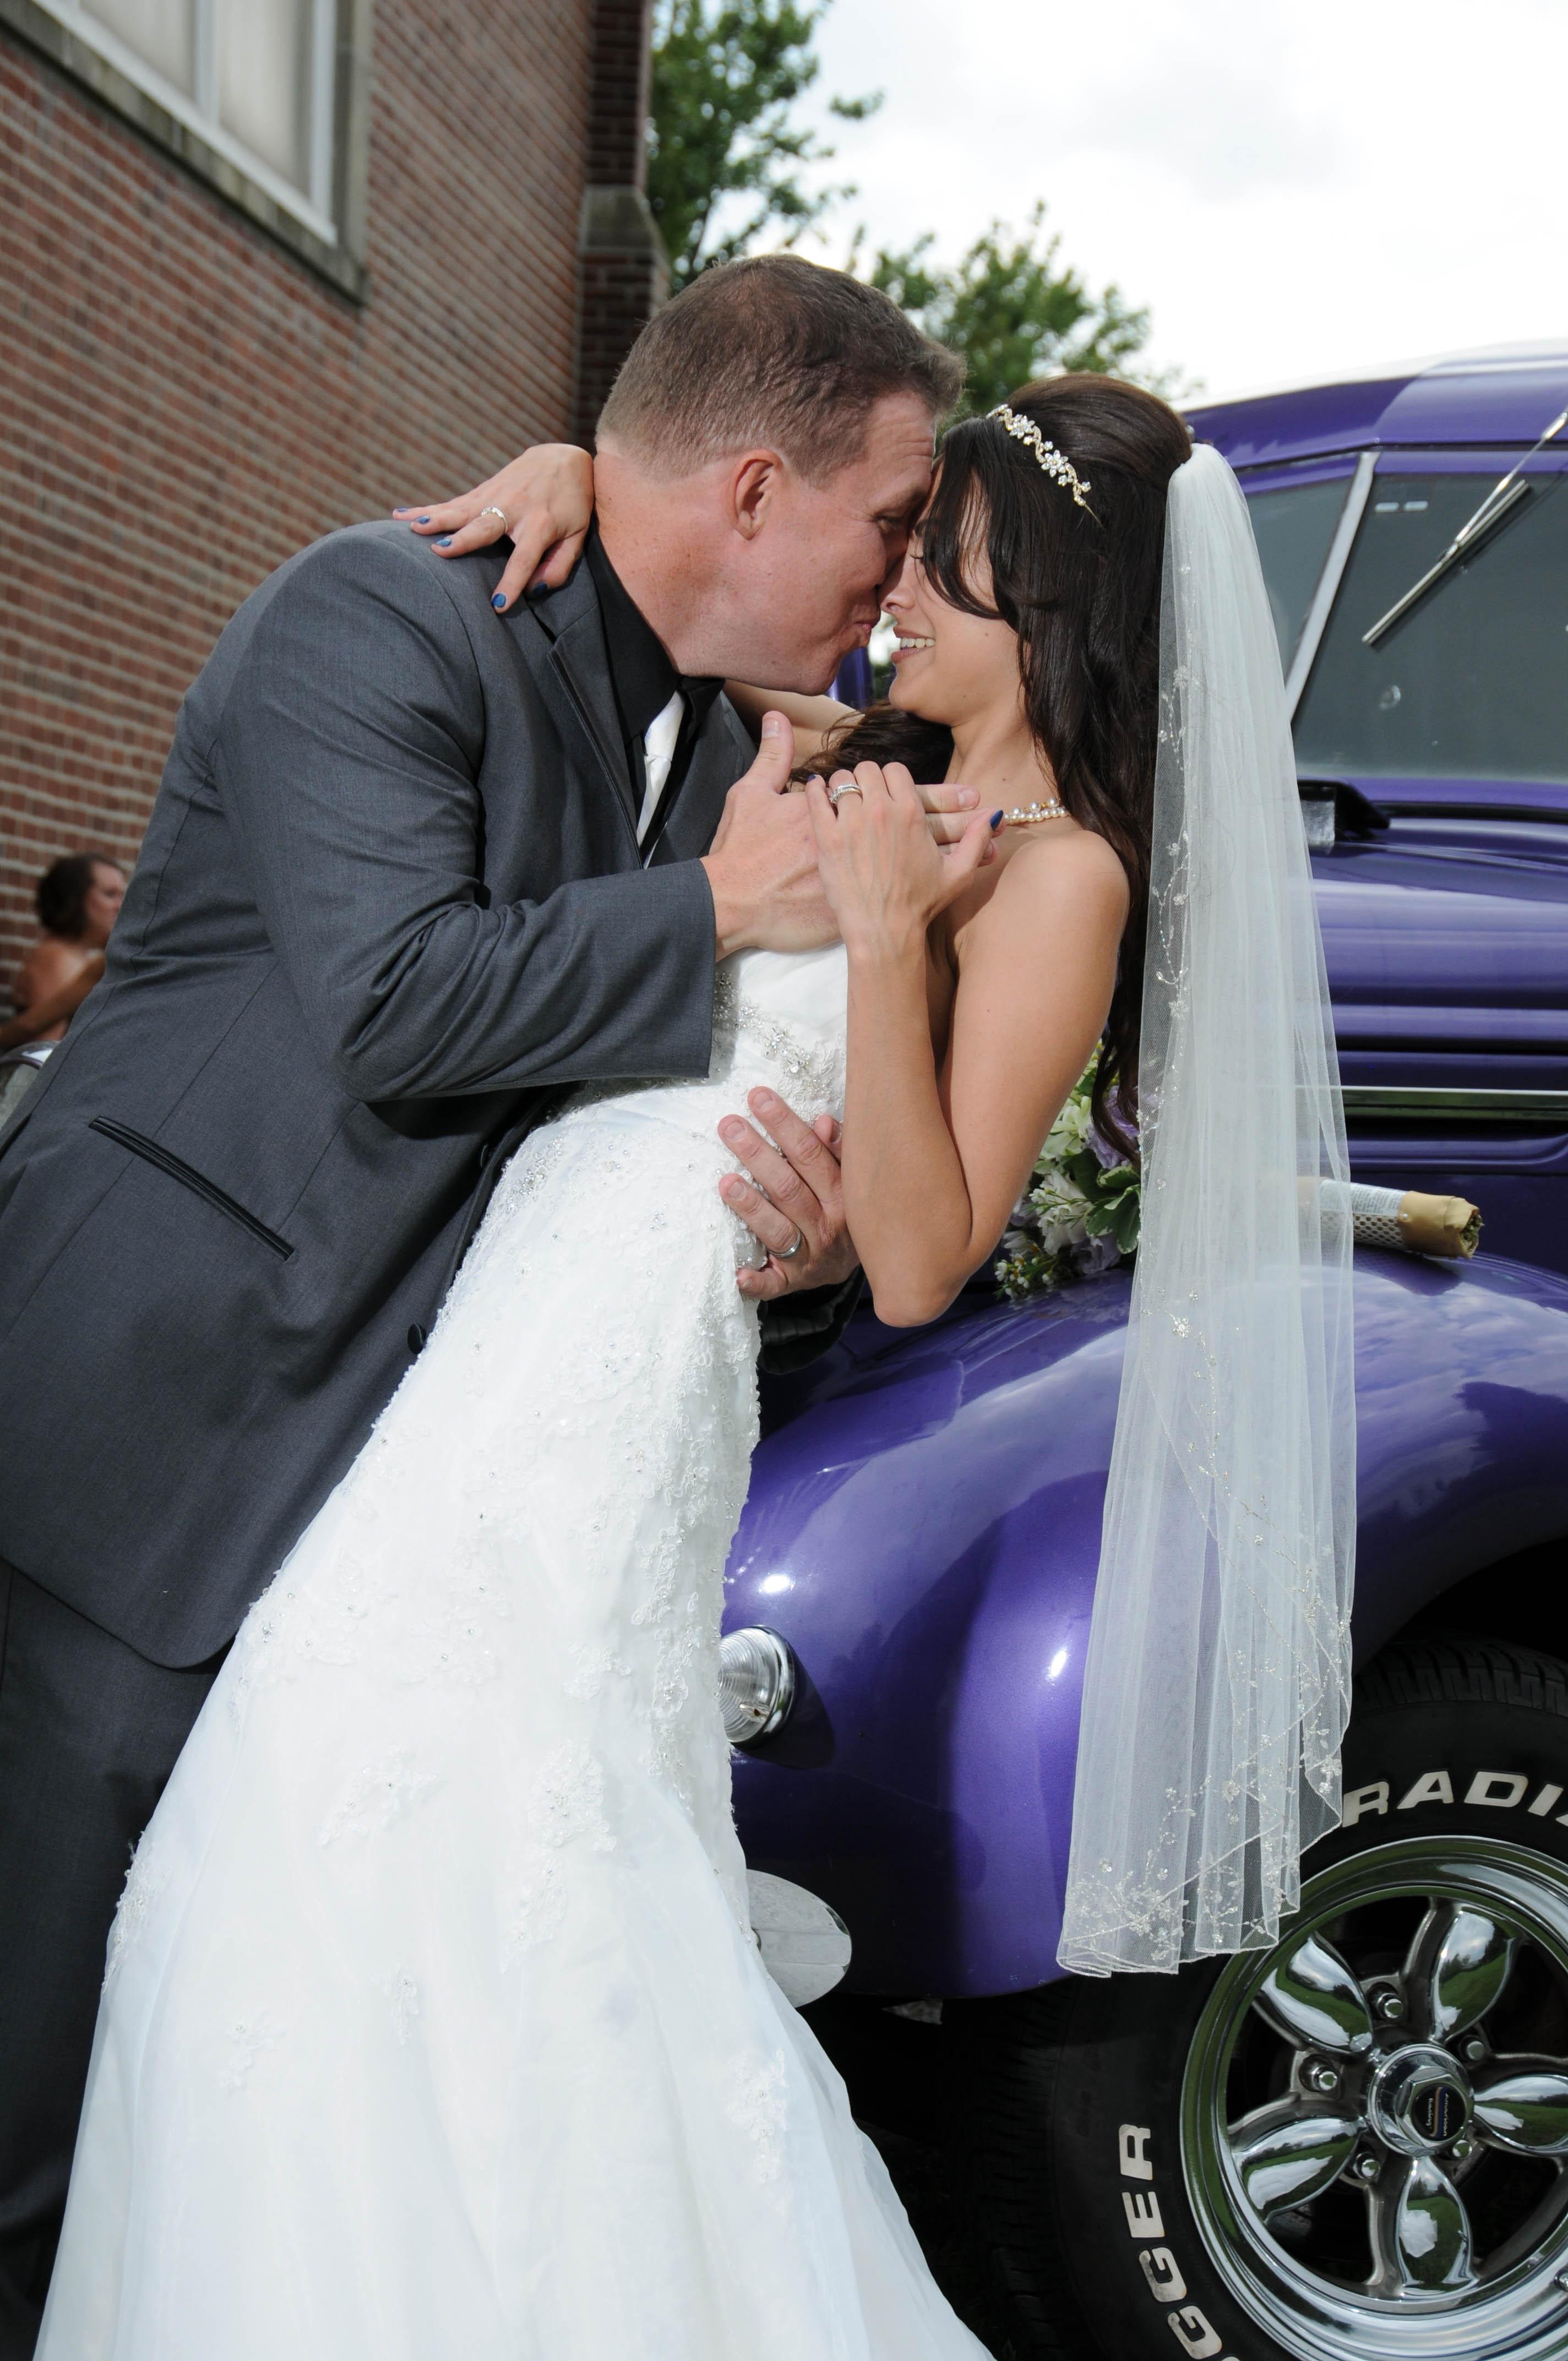 Jacoby+wedding-9093.jpg